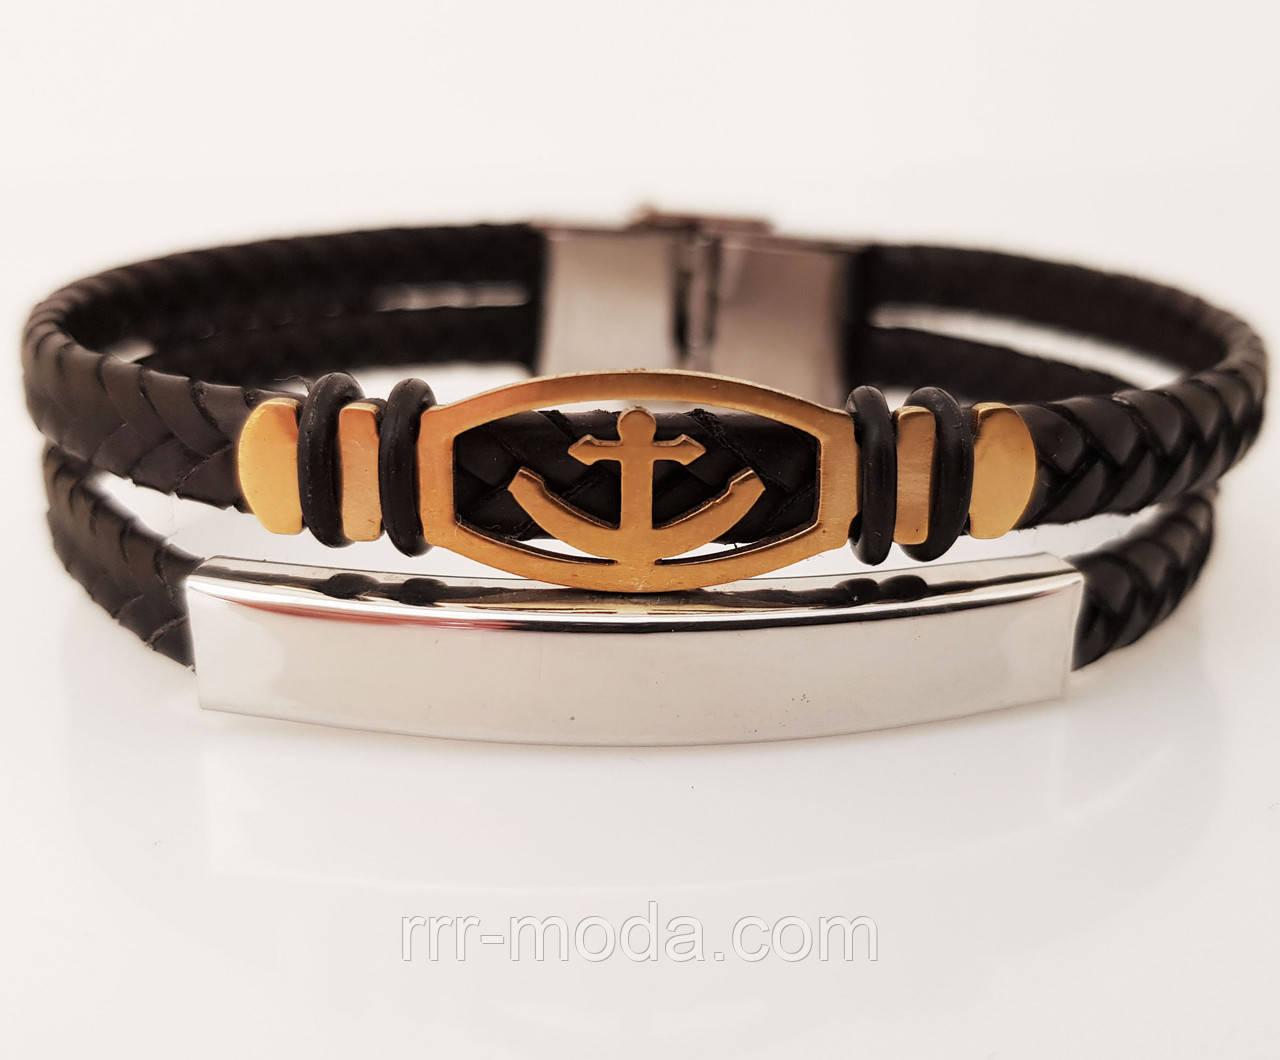 310. Мужские браслеты с якорем - браслеты из кожи, модные украшения для мужчин оптом